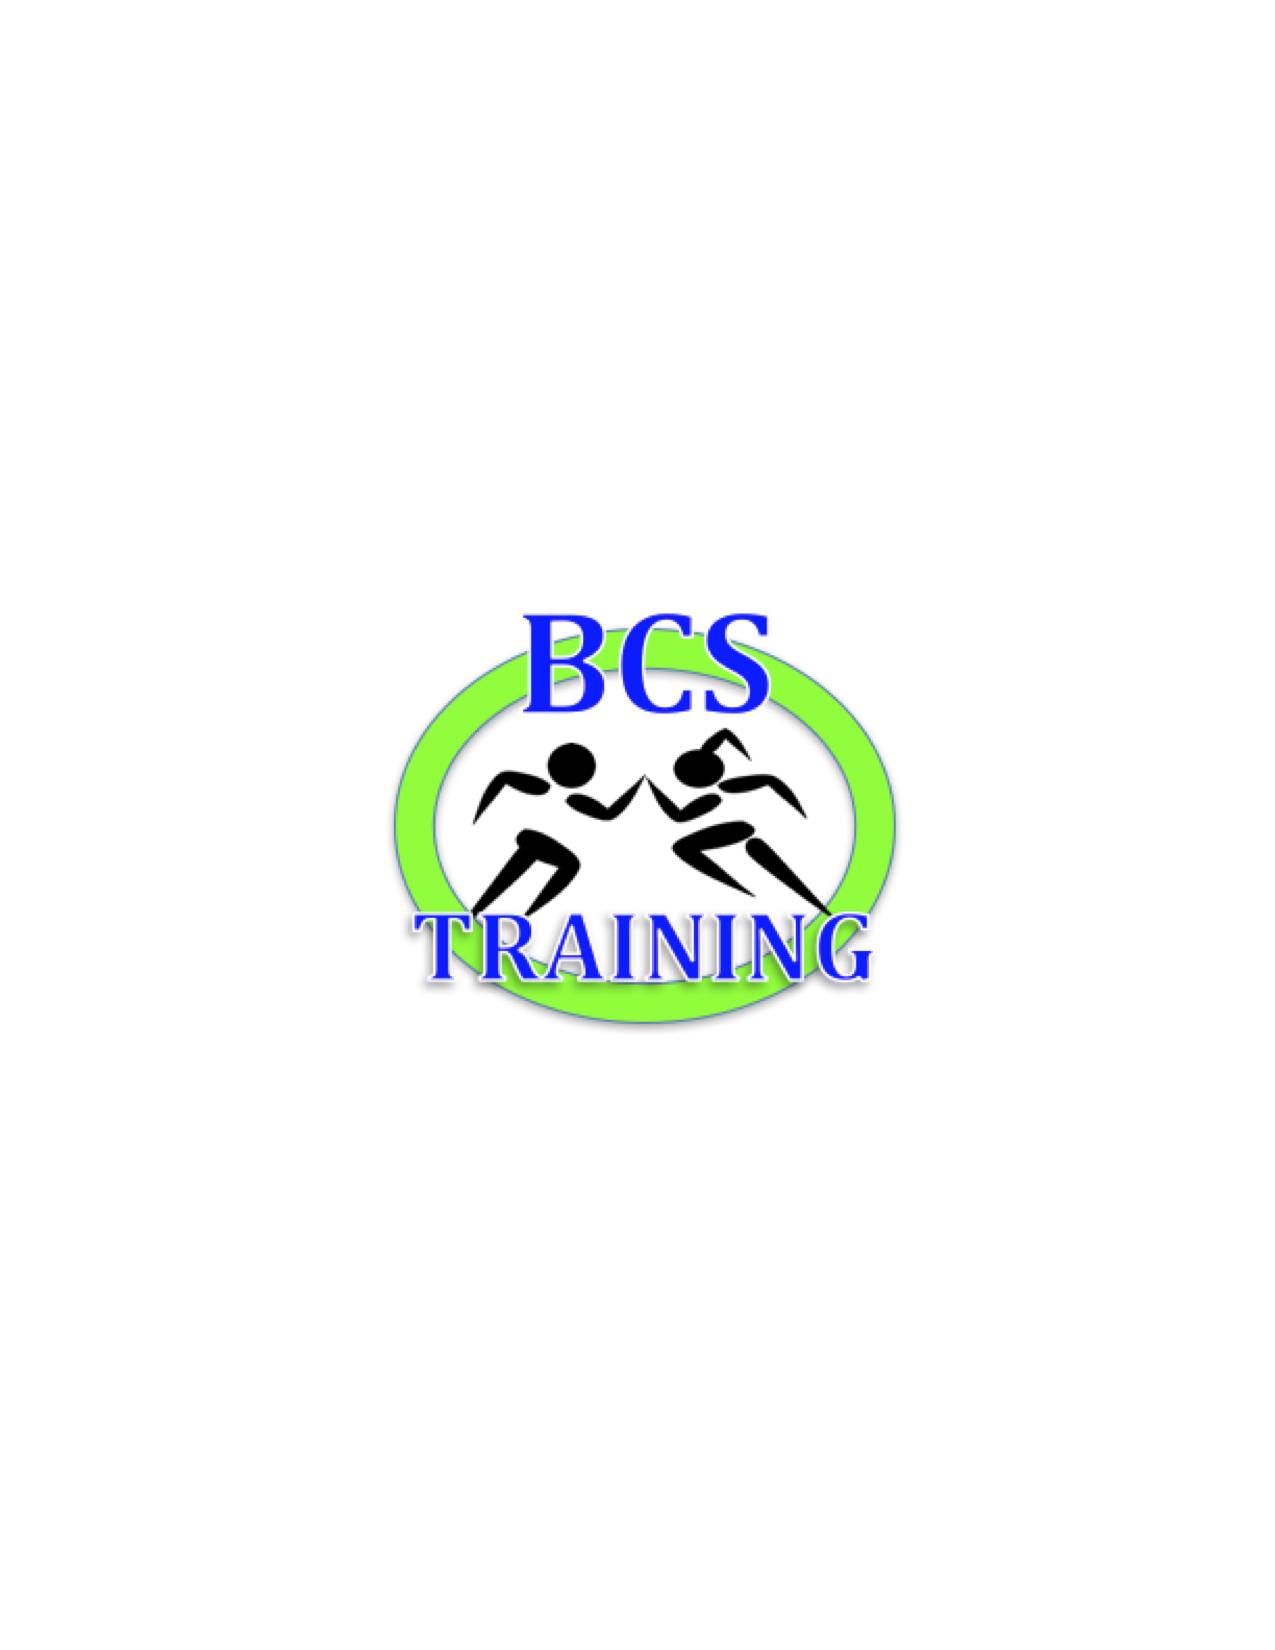 BCS TRAINING LOGO.jpg